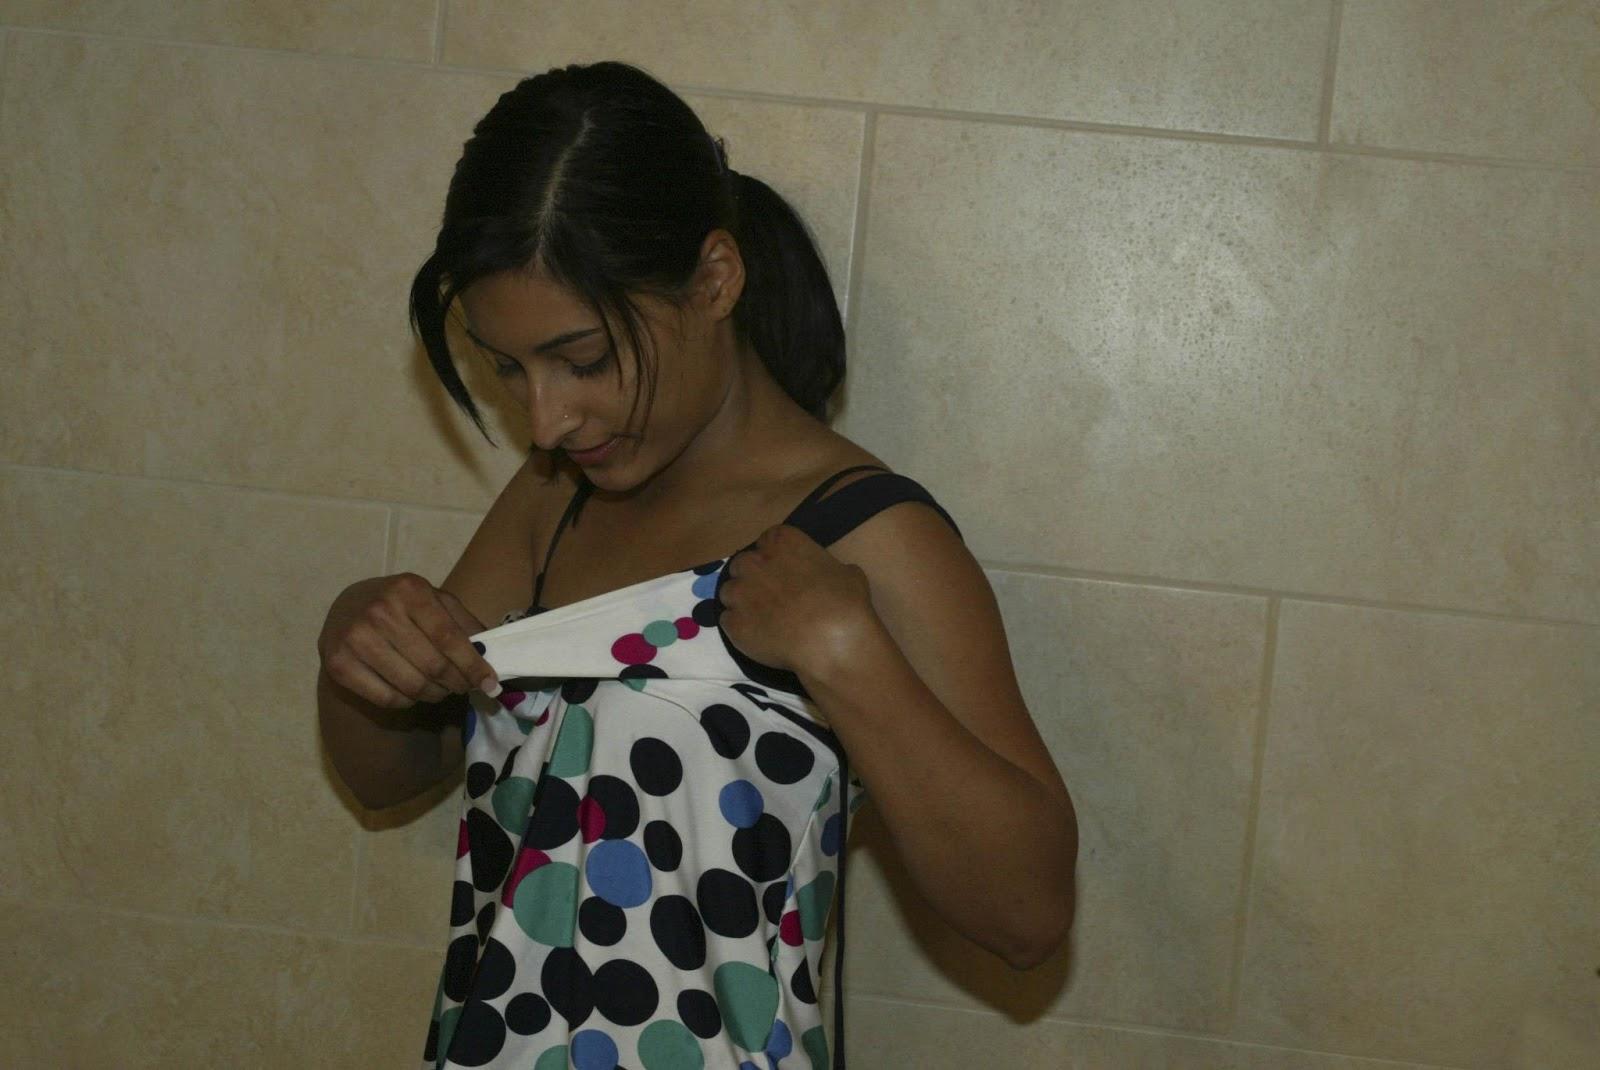 kanpur girl abhilasha   nudesibhabhi.com